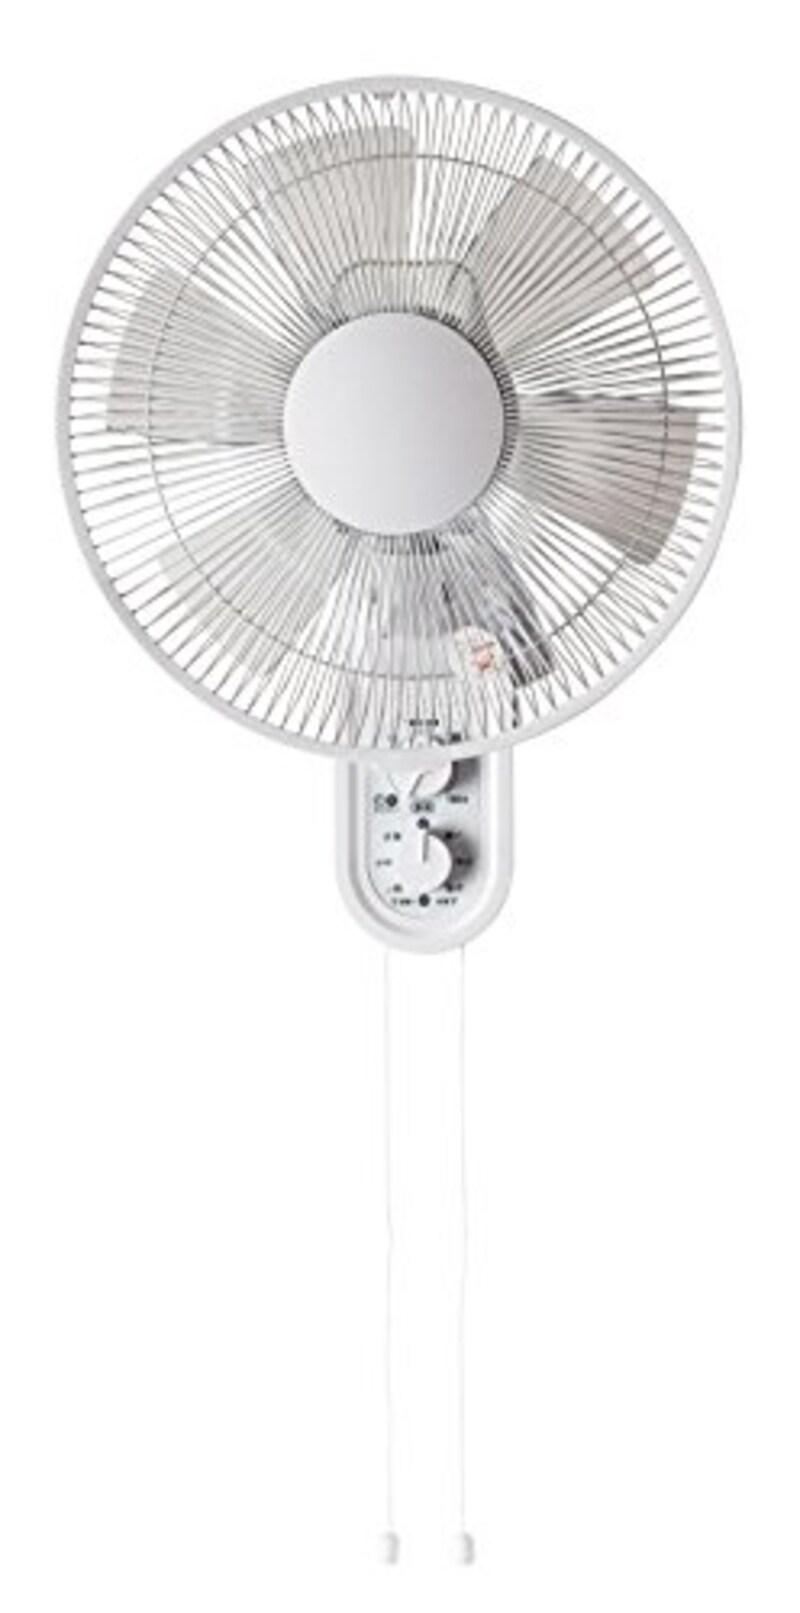 TEKNOS(テクノス),30cm壁掛けメカ扇風機,KI-W289